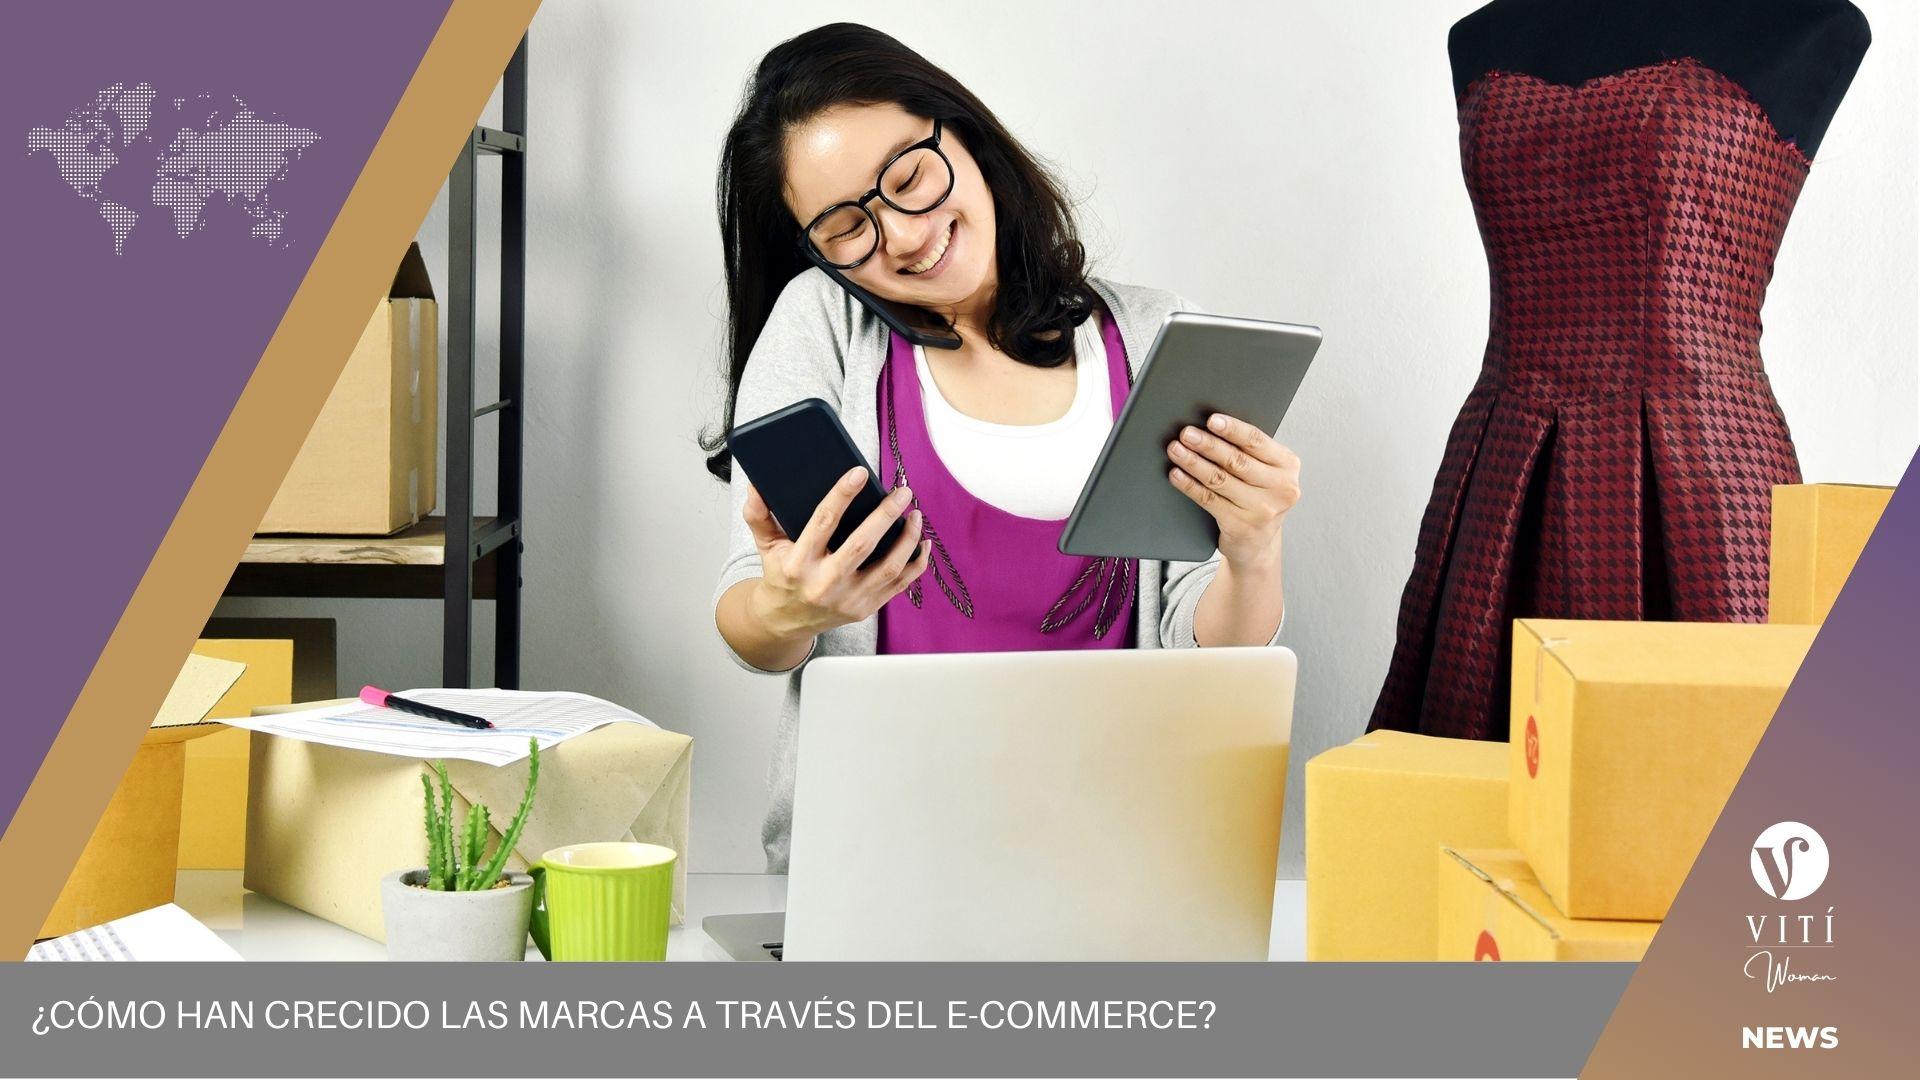 ¿Cómo han crecido las marcas a través del e-commerce?